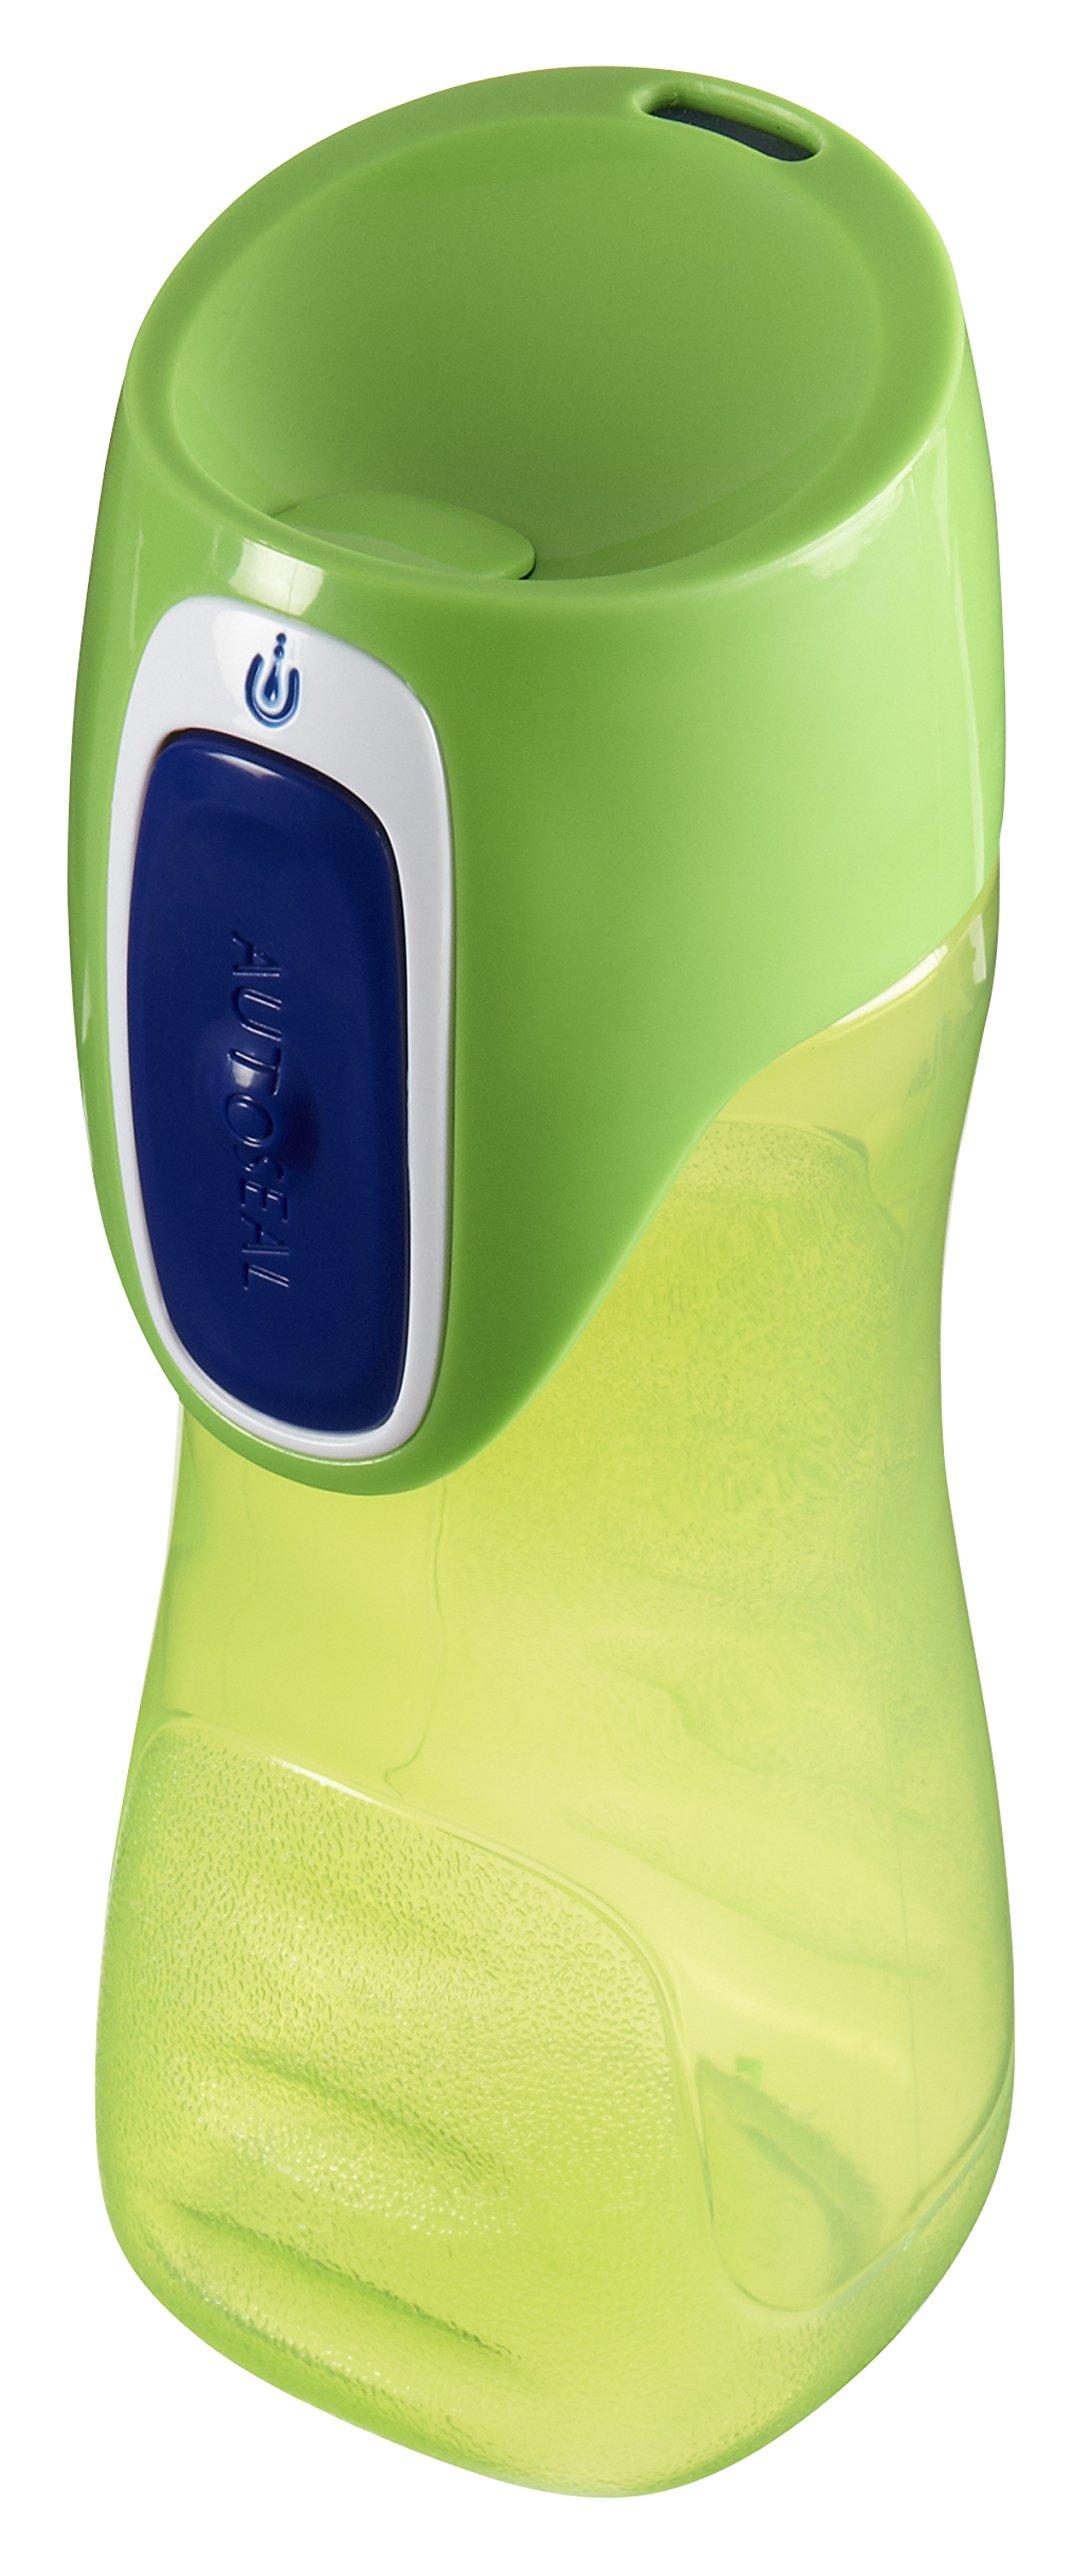 Contigo AUTOSEAL Trekker Kids Water Bottles, 14 oz, Granny Smith & Nautical, 2-Pack by Contigo (Image #6)